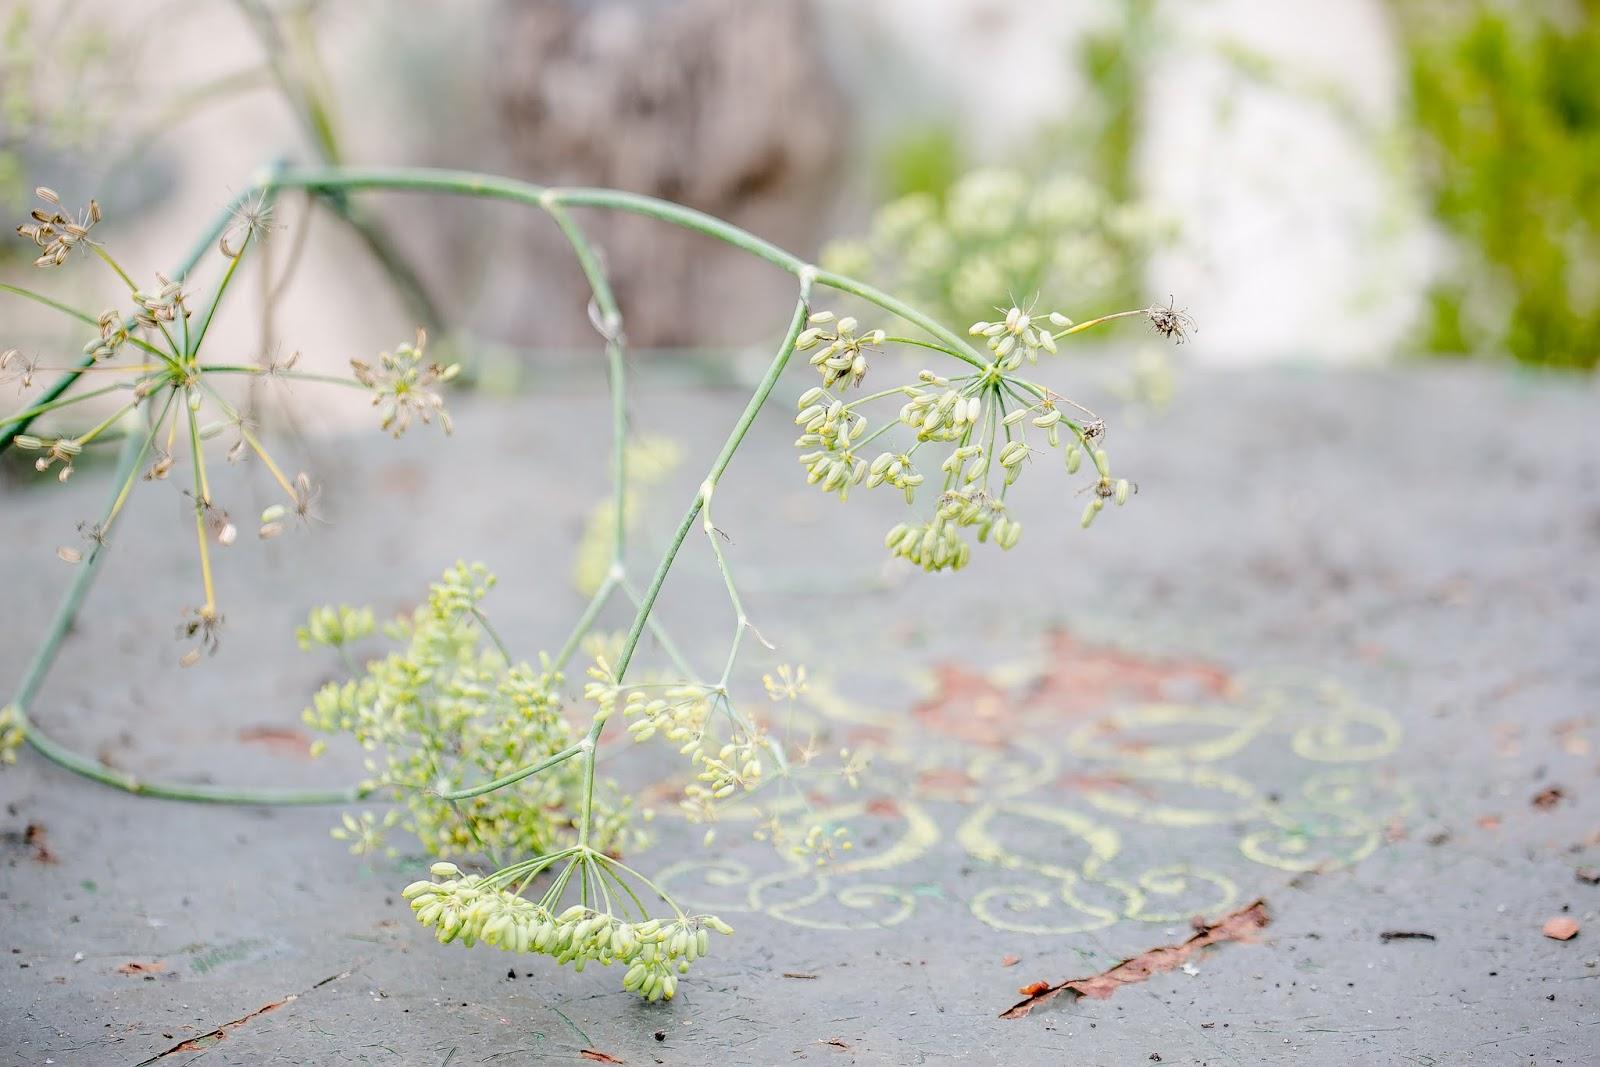 Staudengärtnerei Gaissmayer Illertissen herbst in der staudengärtnerei gaissmayer oder friday flowerday